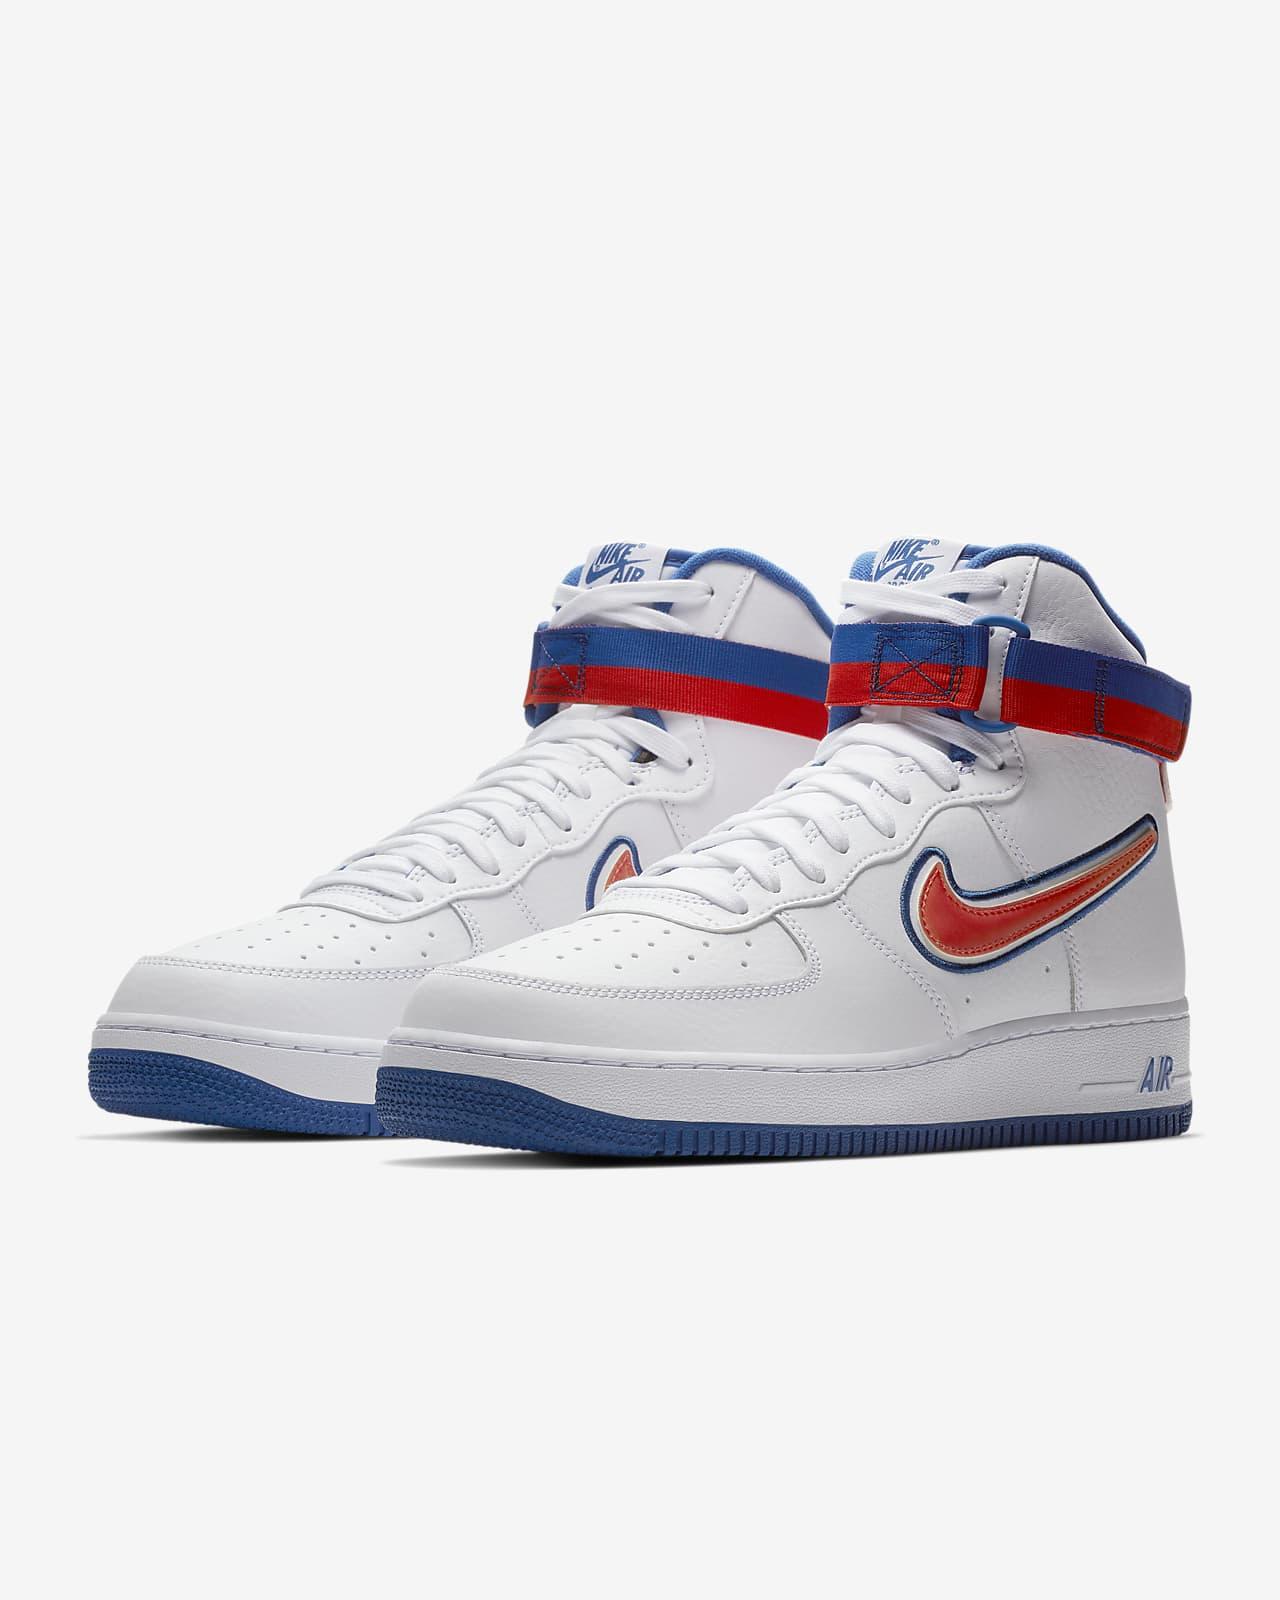 Nike Air Force 1 NBA High (New York